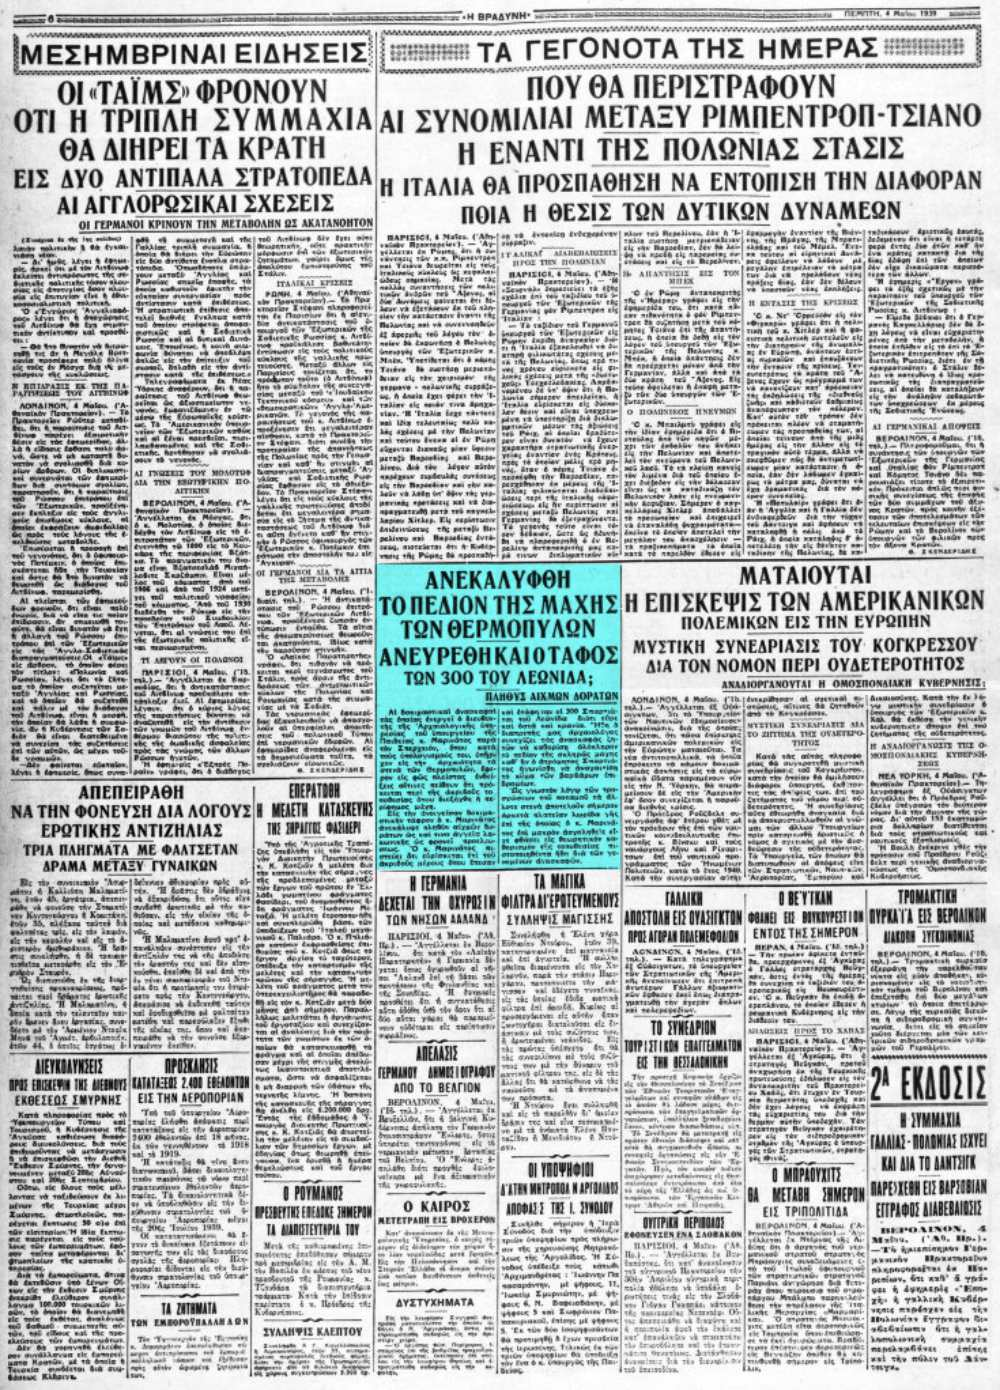 """Το άρθρο, όπως δημοσιεύθηκε στην εφημερίδα """"Η ΒΡΑΔΥΝΗ"""", στις 04/05/1939"""